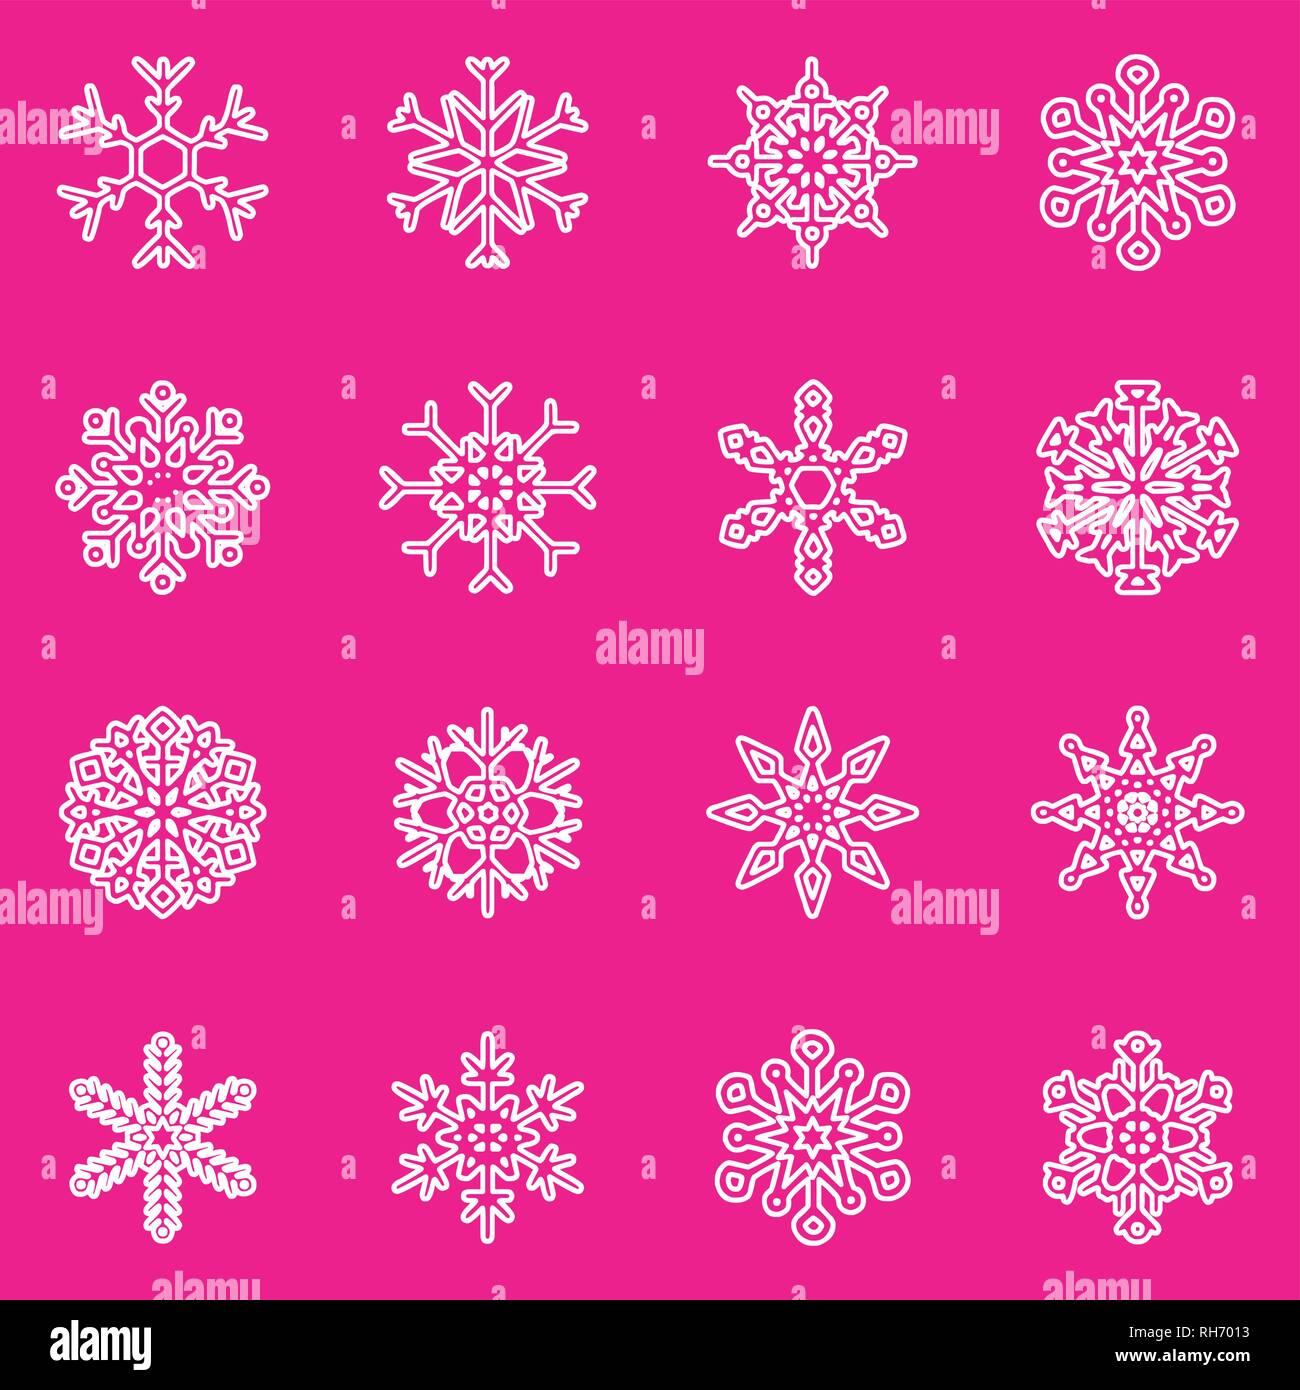 Wettervorhersage Für Weihnachten 2019.Schneeflocke Vektor Symbol Hintergrund Set Kunststoff Rosa Farbe